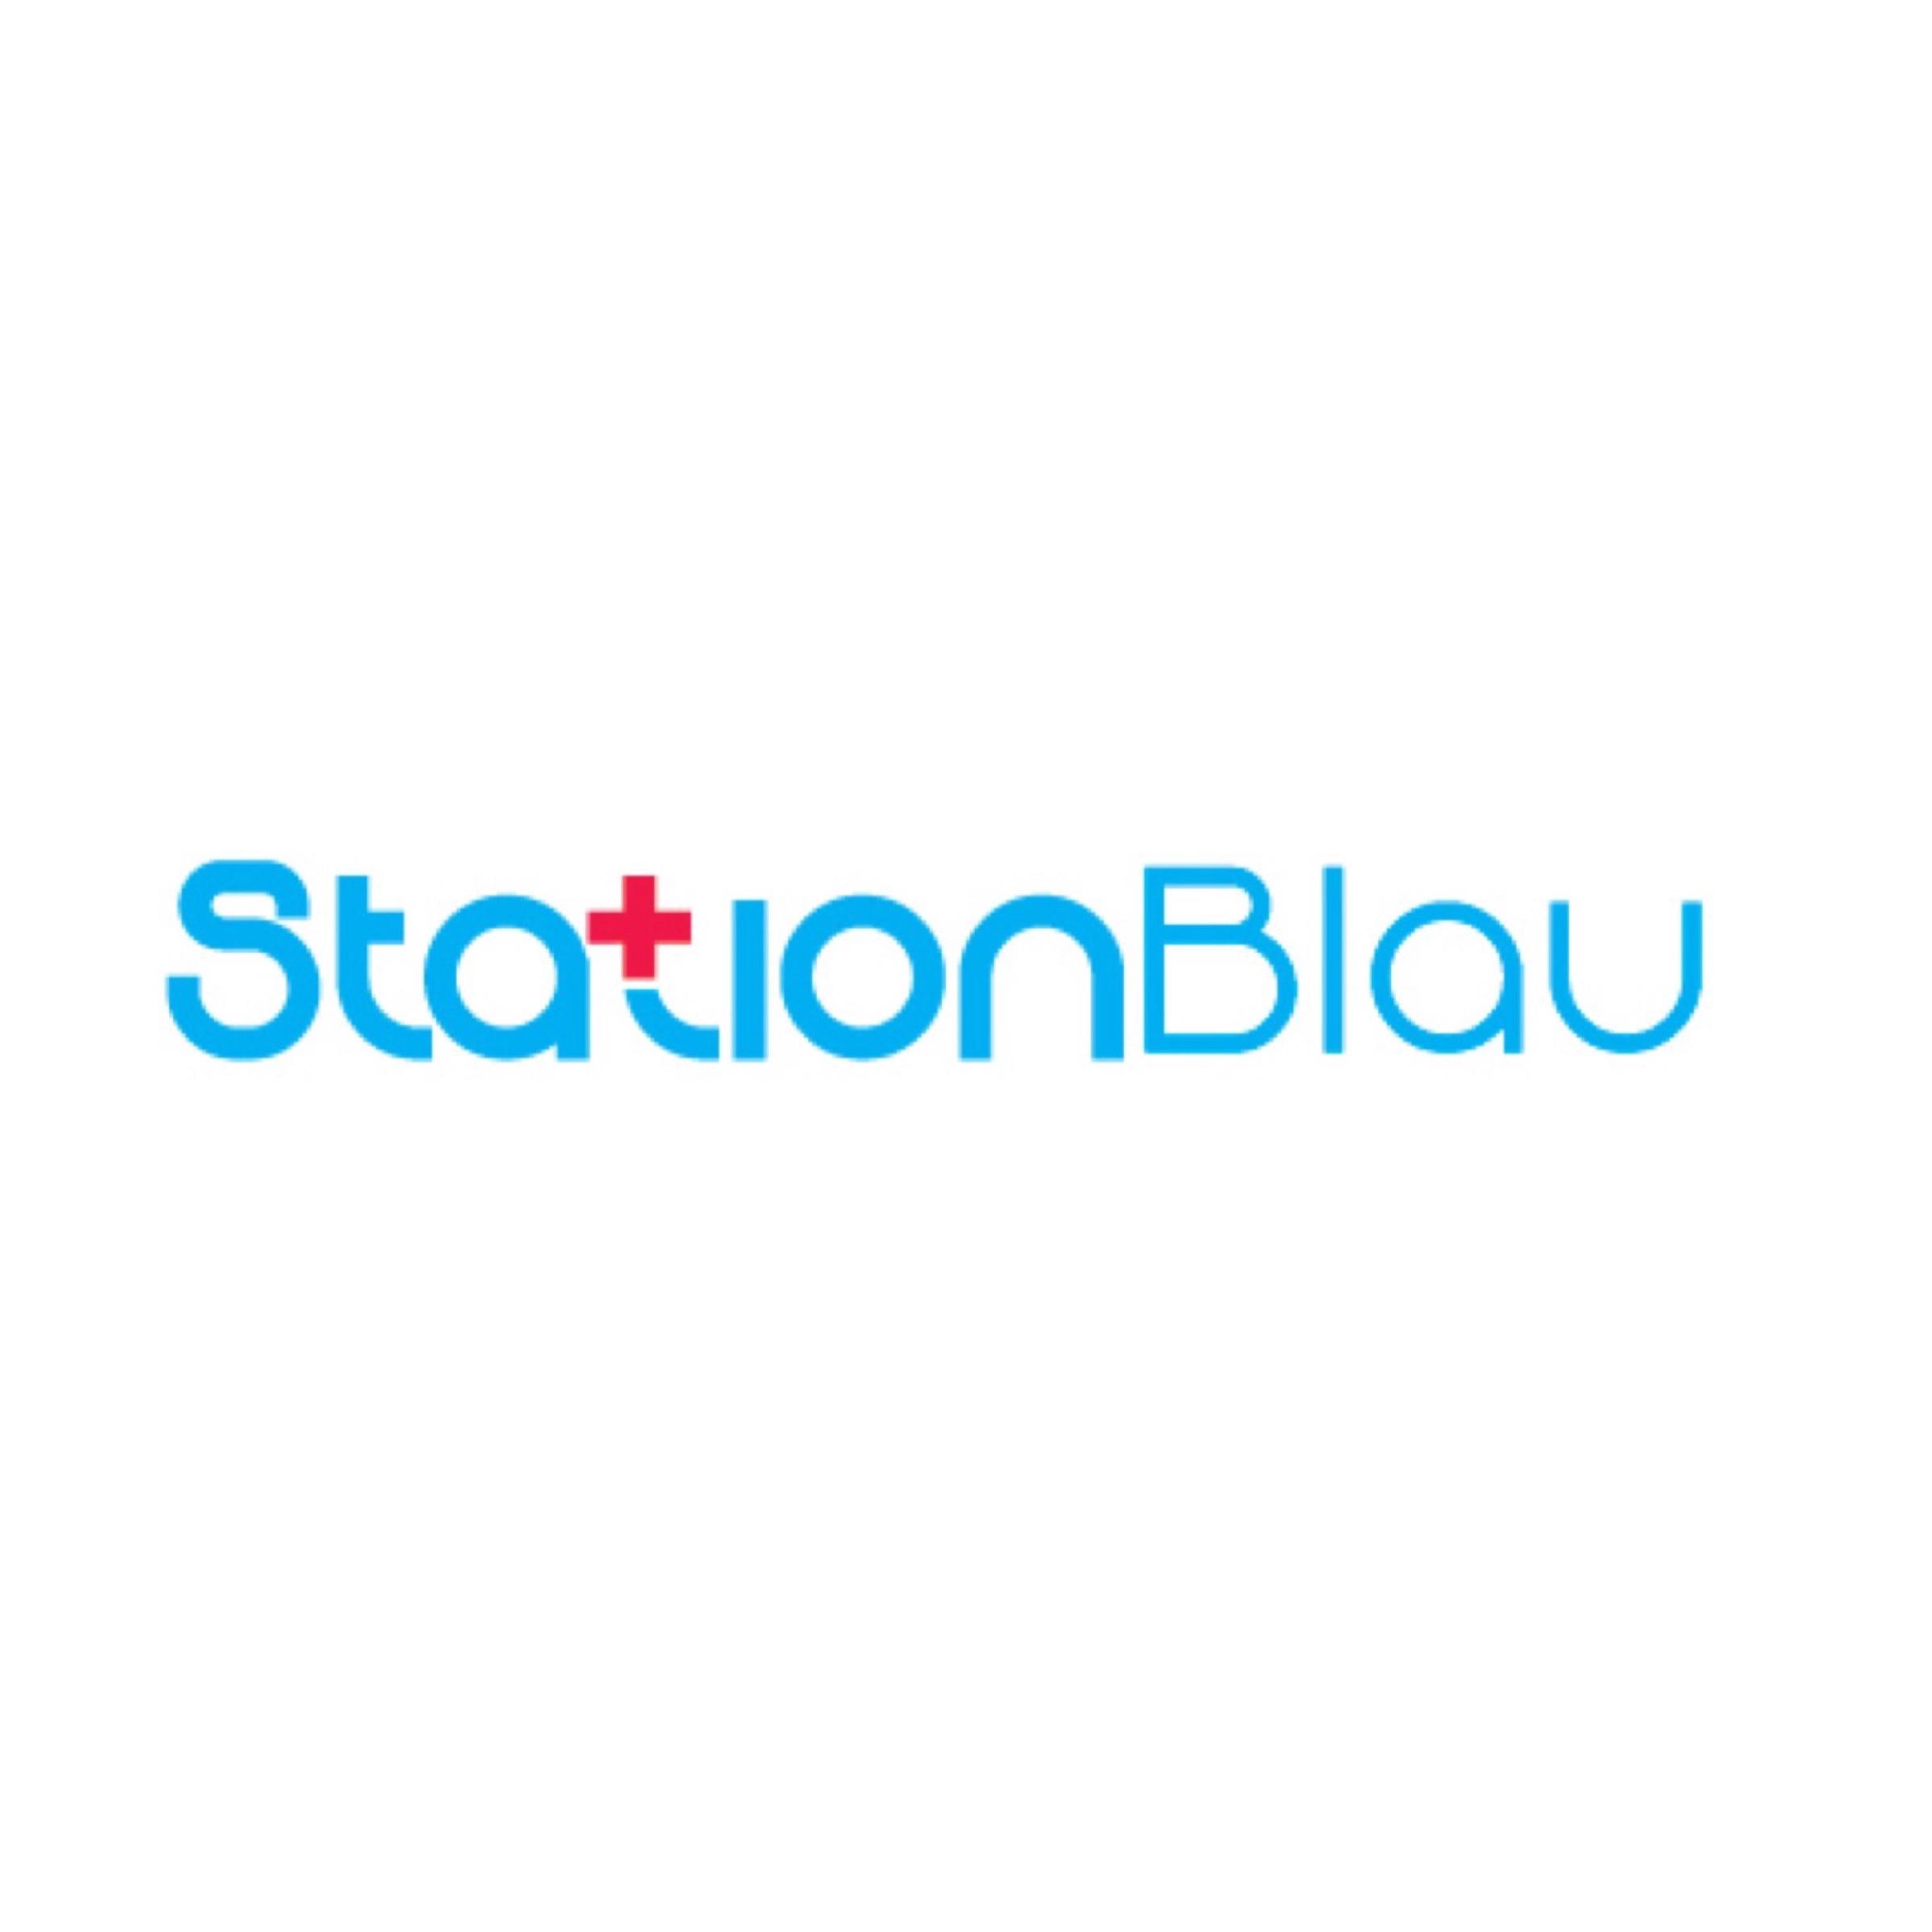 stationblau ug haftungsbeschr nkt zeitarbeitsagenturen. Black Bedroom Furniture Sets. Home Design Ideas